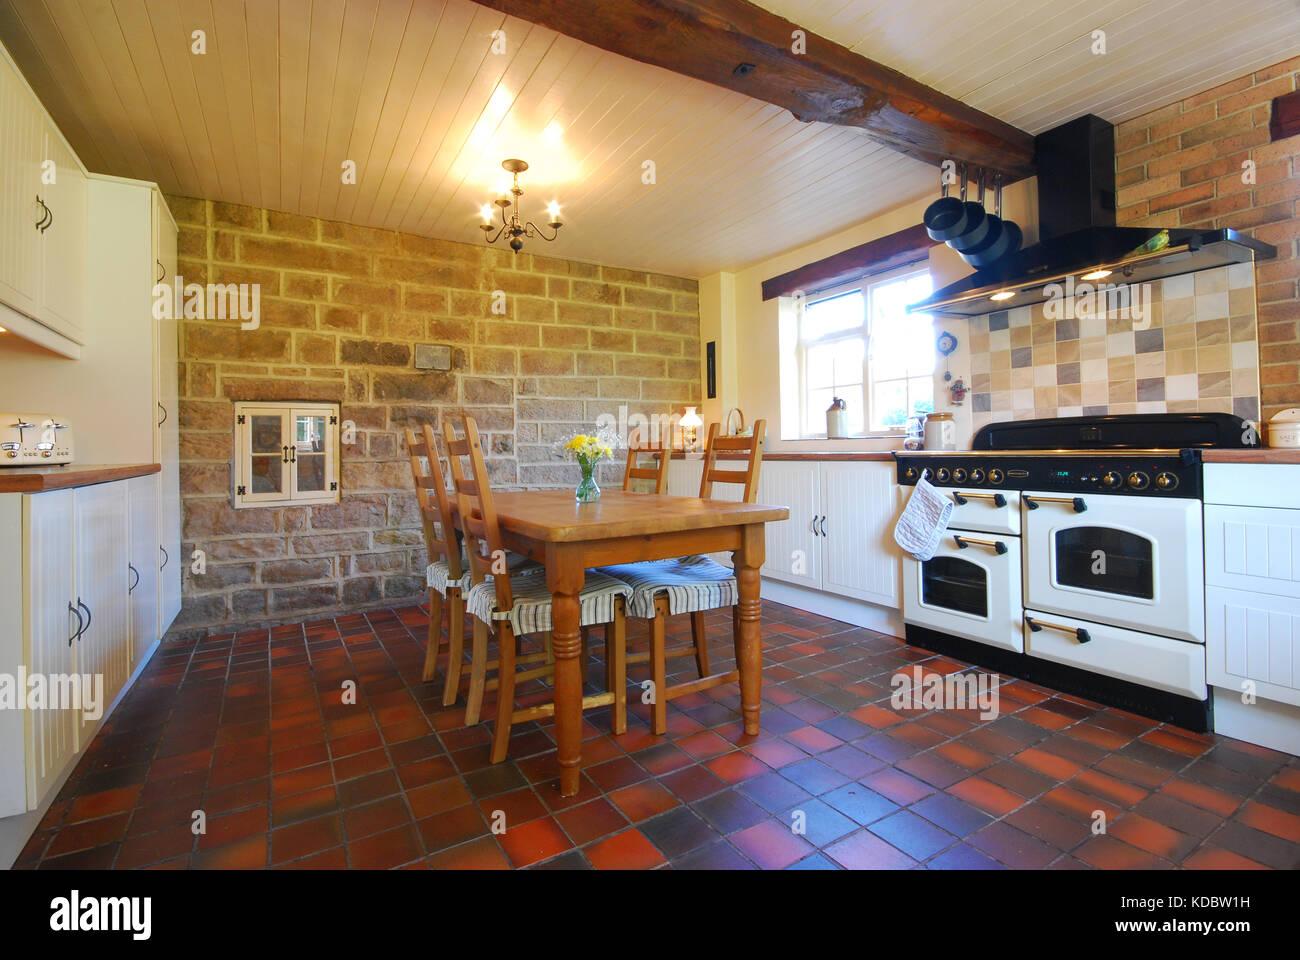 cuisine de ferme sol en terre cuite au sol et travail de la pierre banque d 39 images photo stock. Black Bedroom Furniture Sets. Home Design Ideas